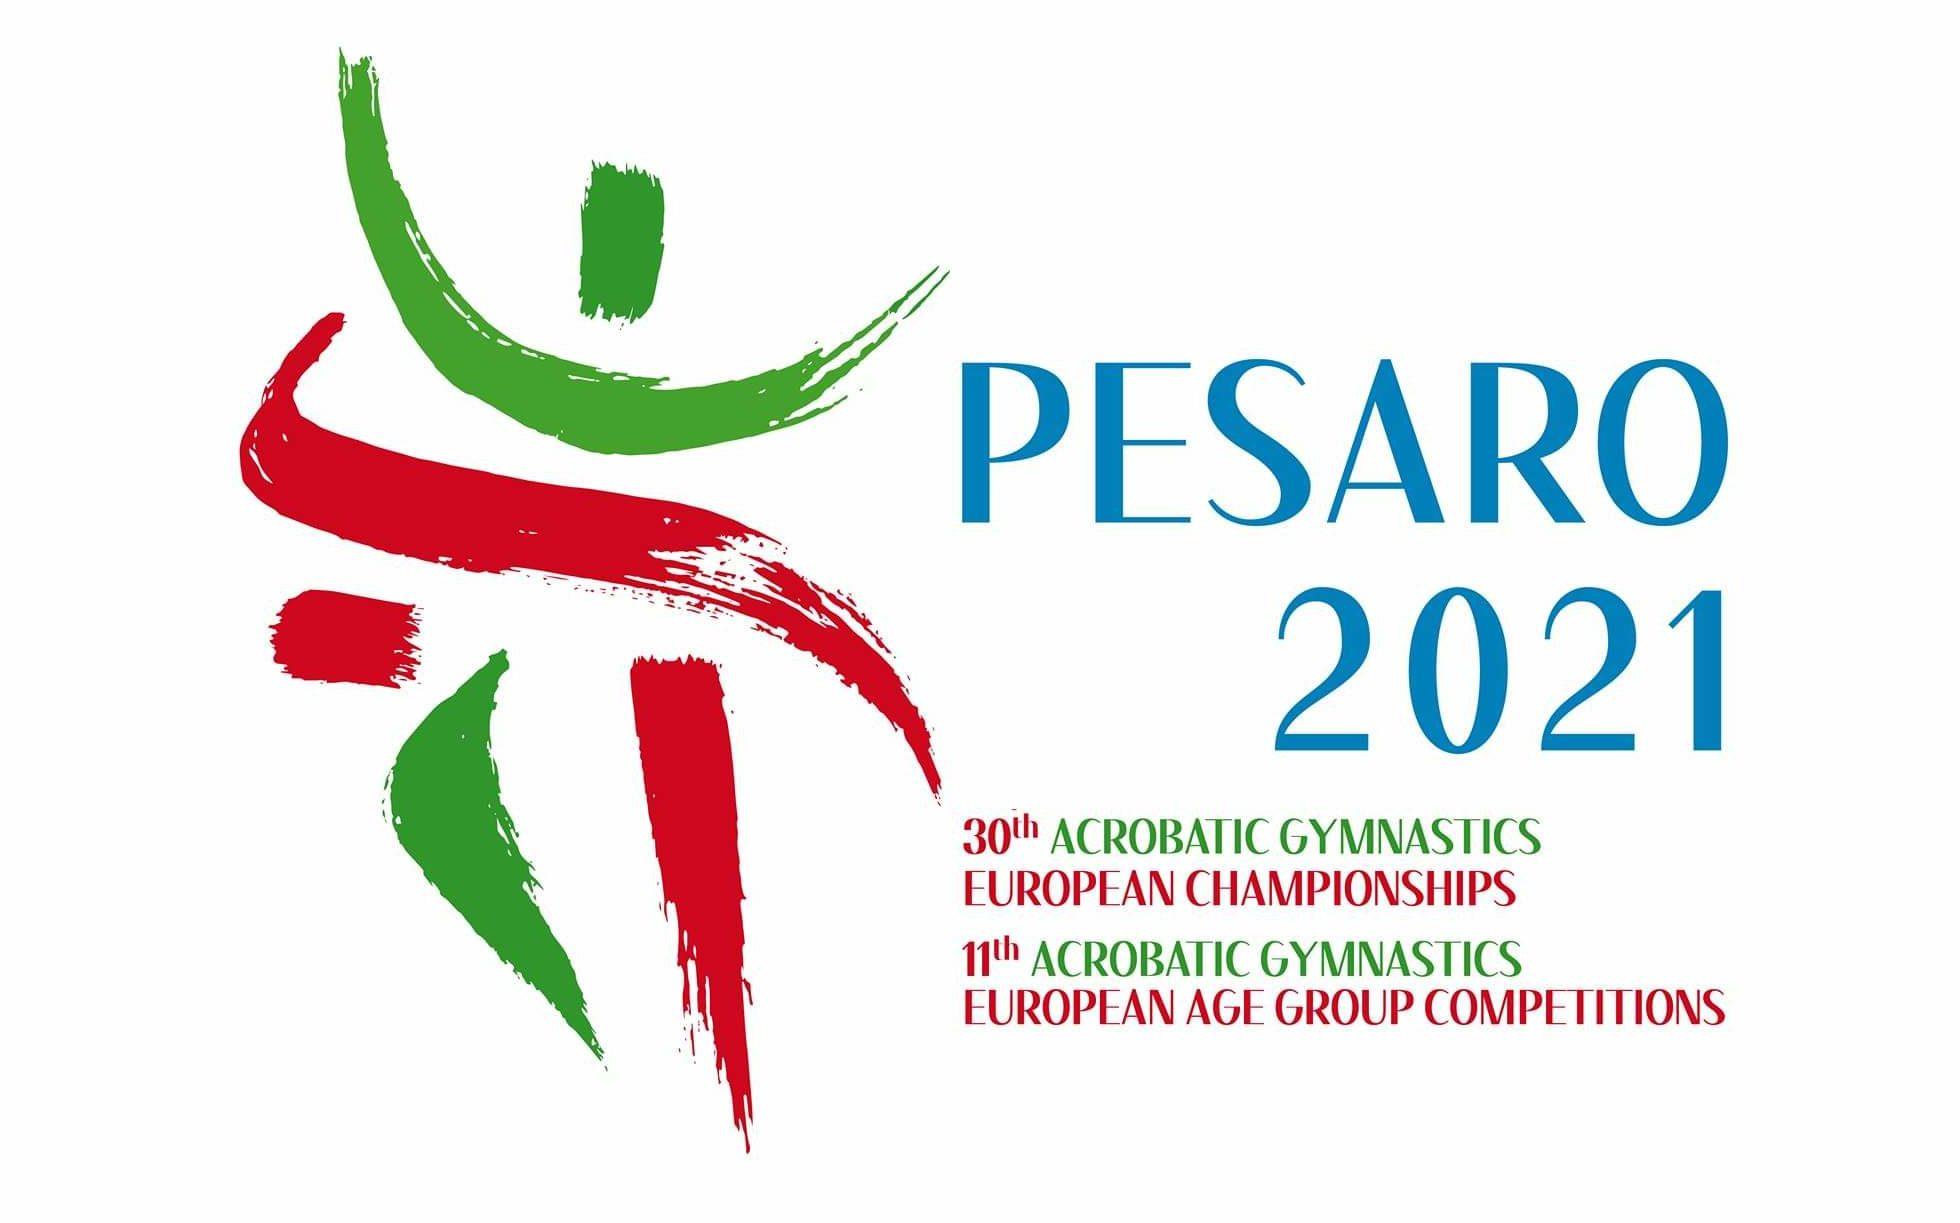 Pesaro 2021 logo